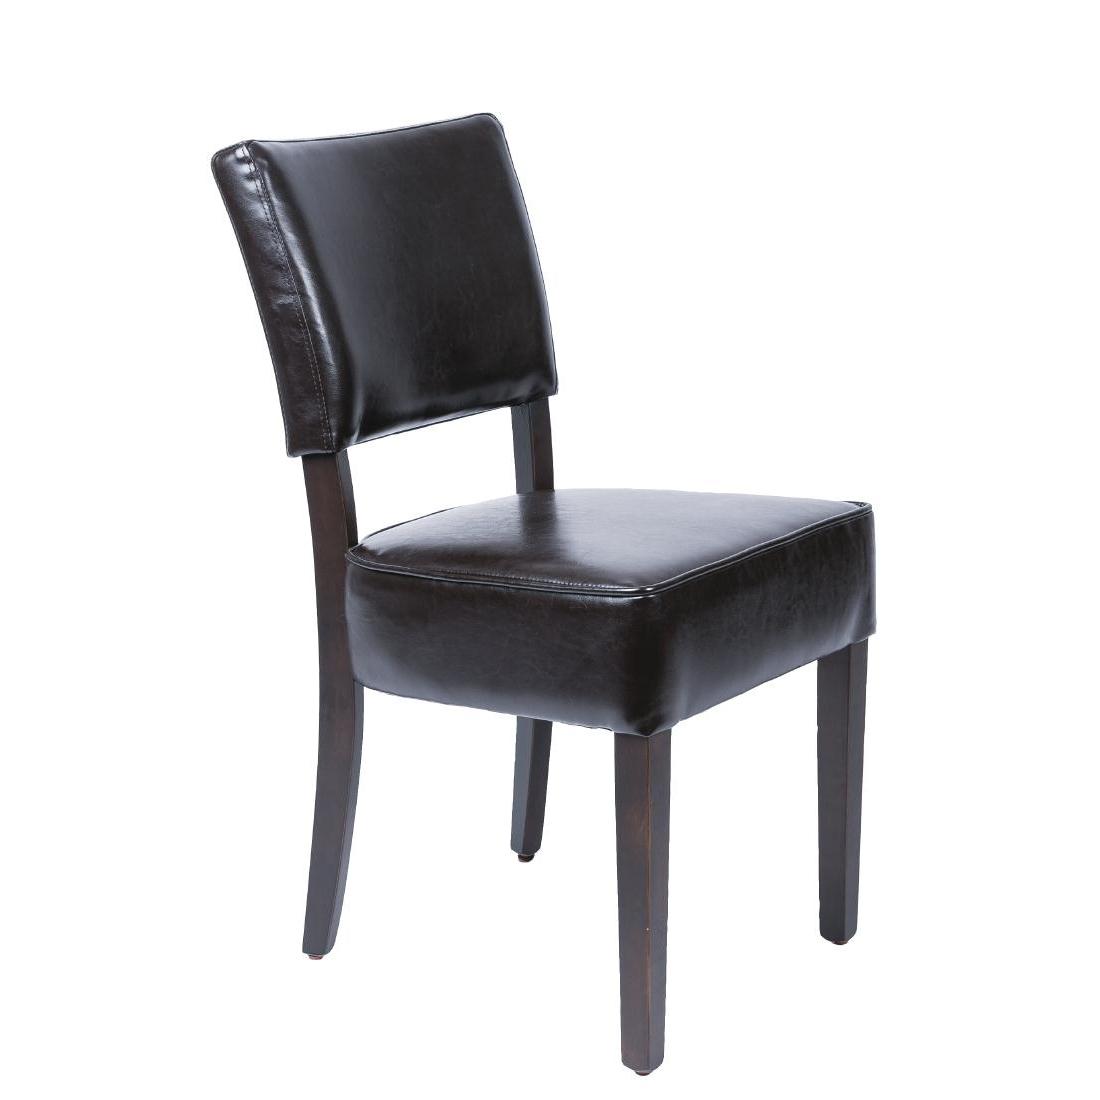 Chaises confortables en simili cuir marron foncé x2